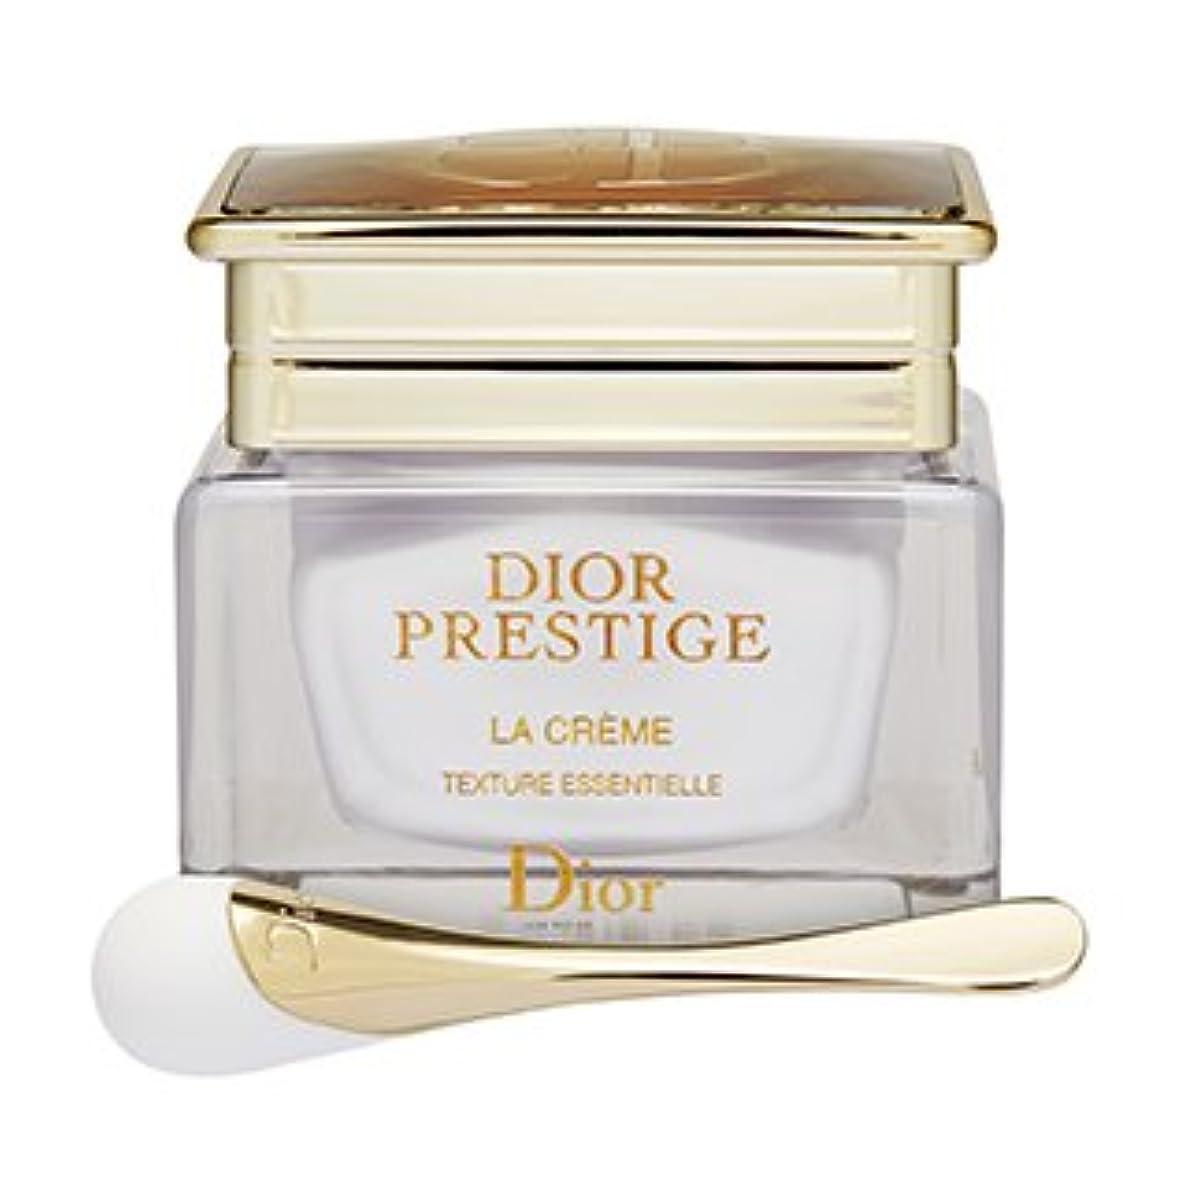 必需品旅行無謀ディオール(Dior) プレステージ ラ クレーム - 極上のテクスチャー [並行輸入品]